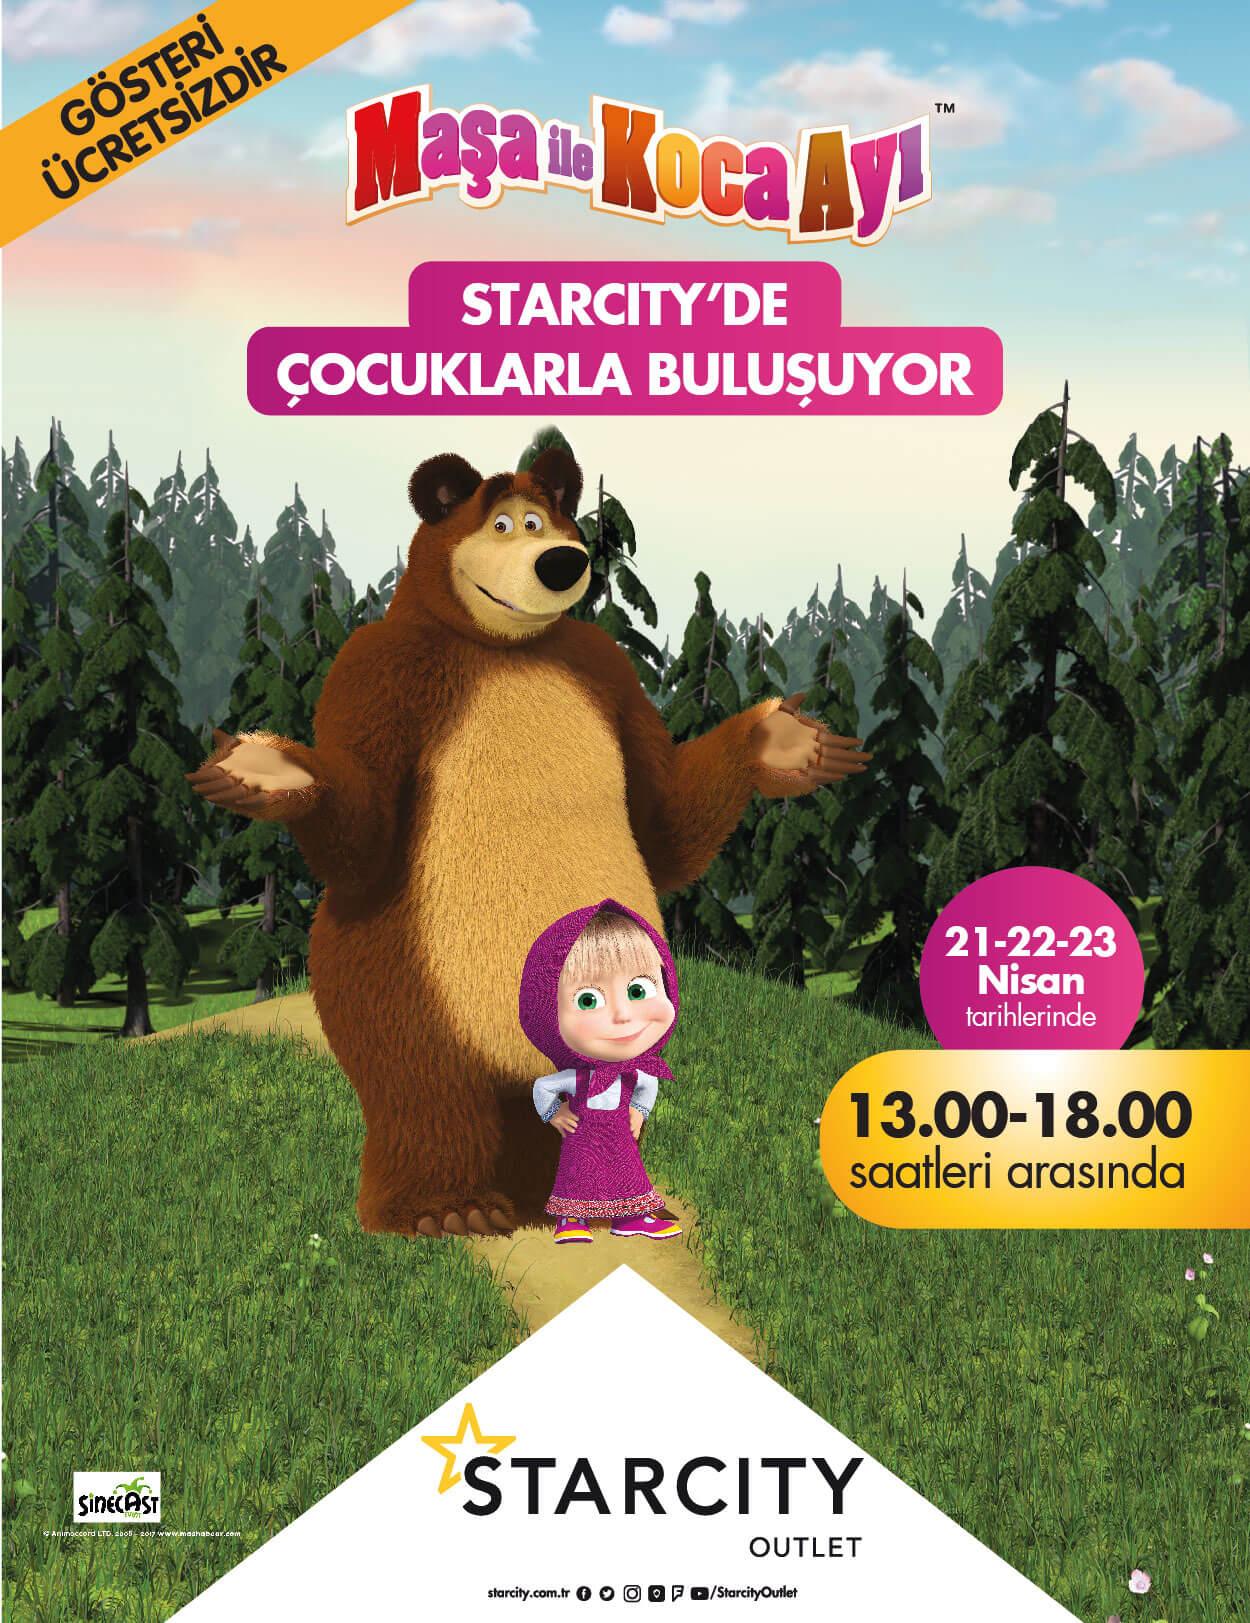 Maşa ile Koca Ayı Starcity'de Çocuklarla Buluşuyor !